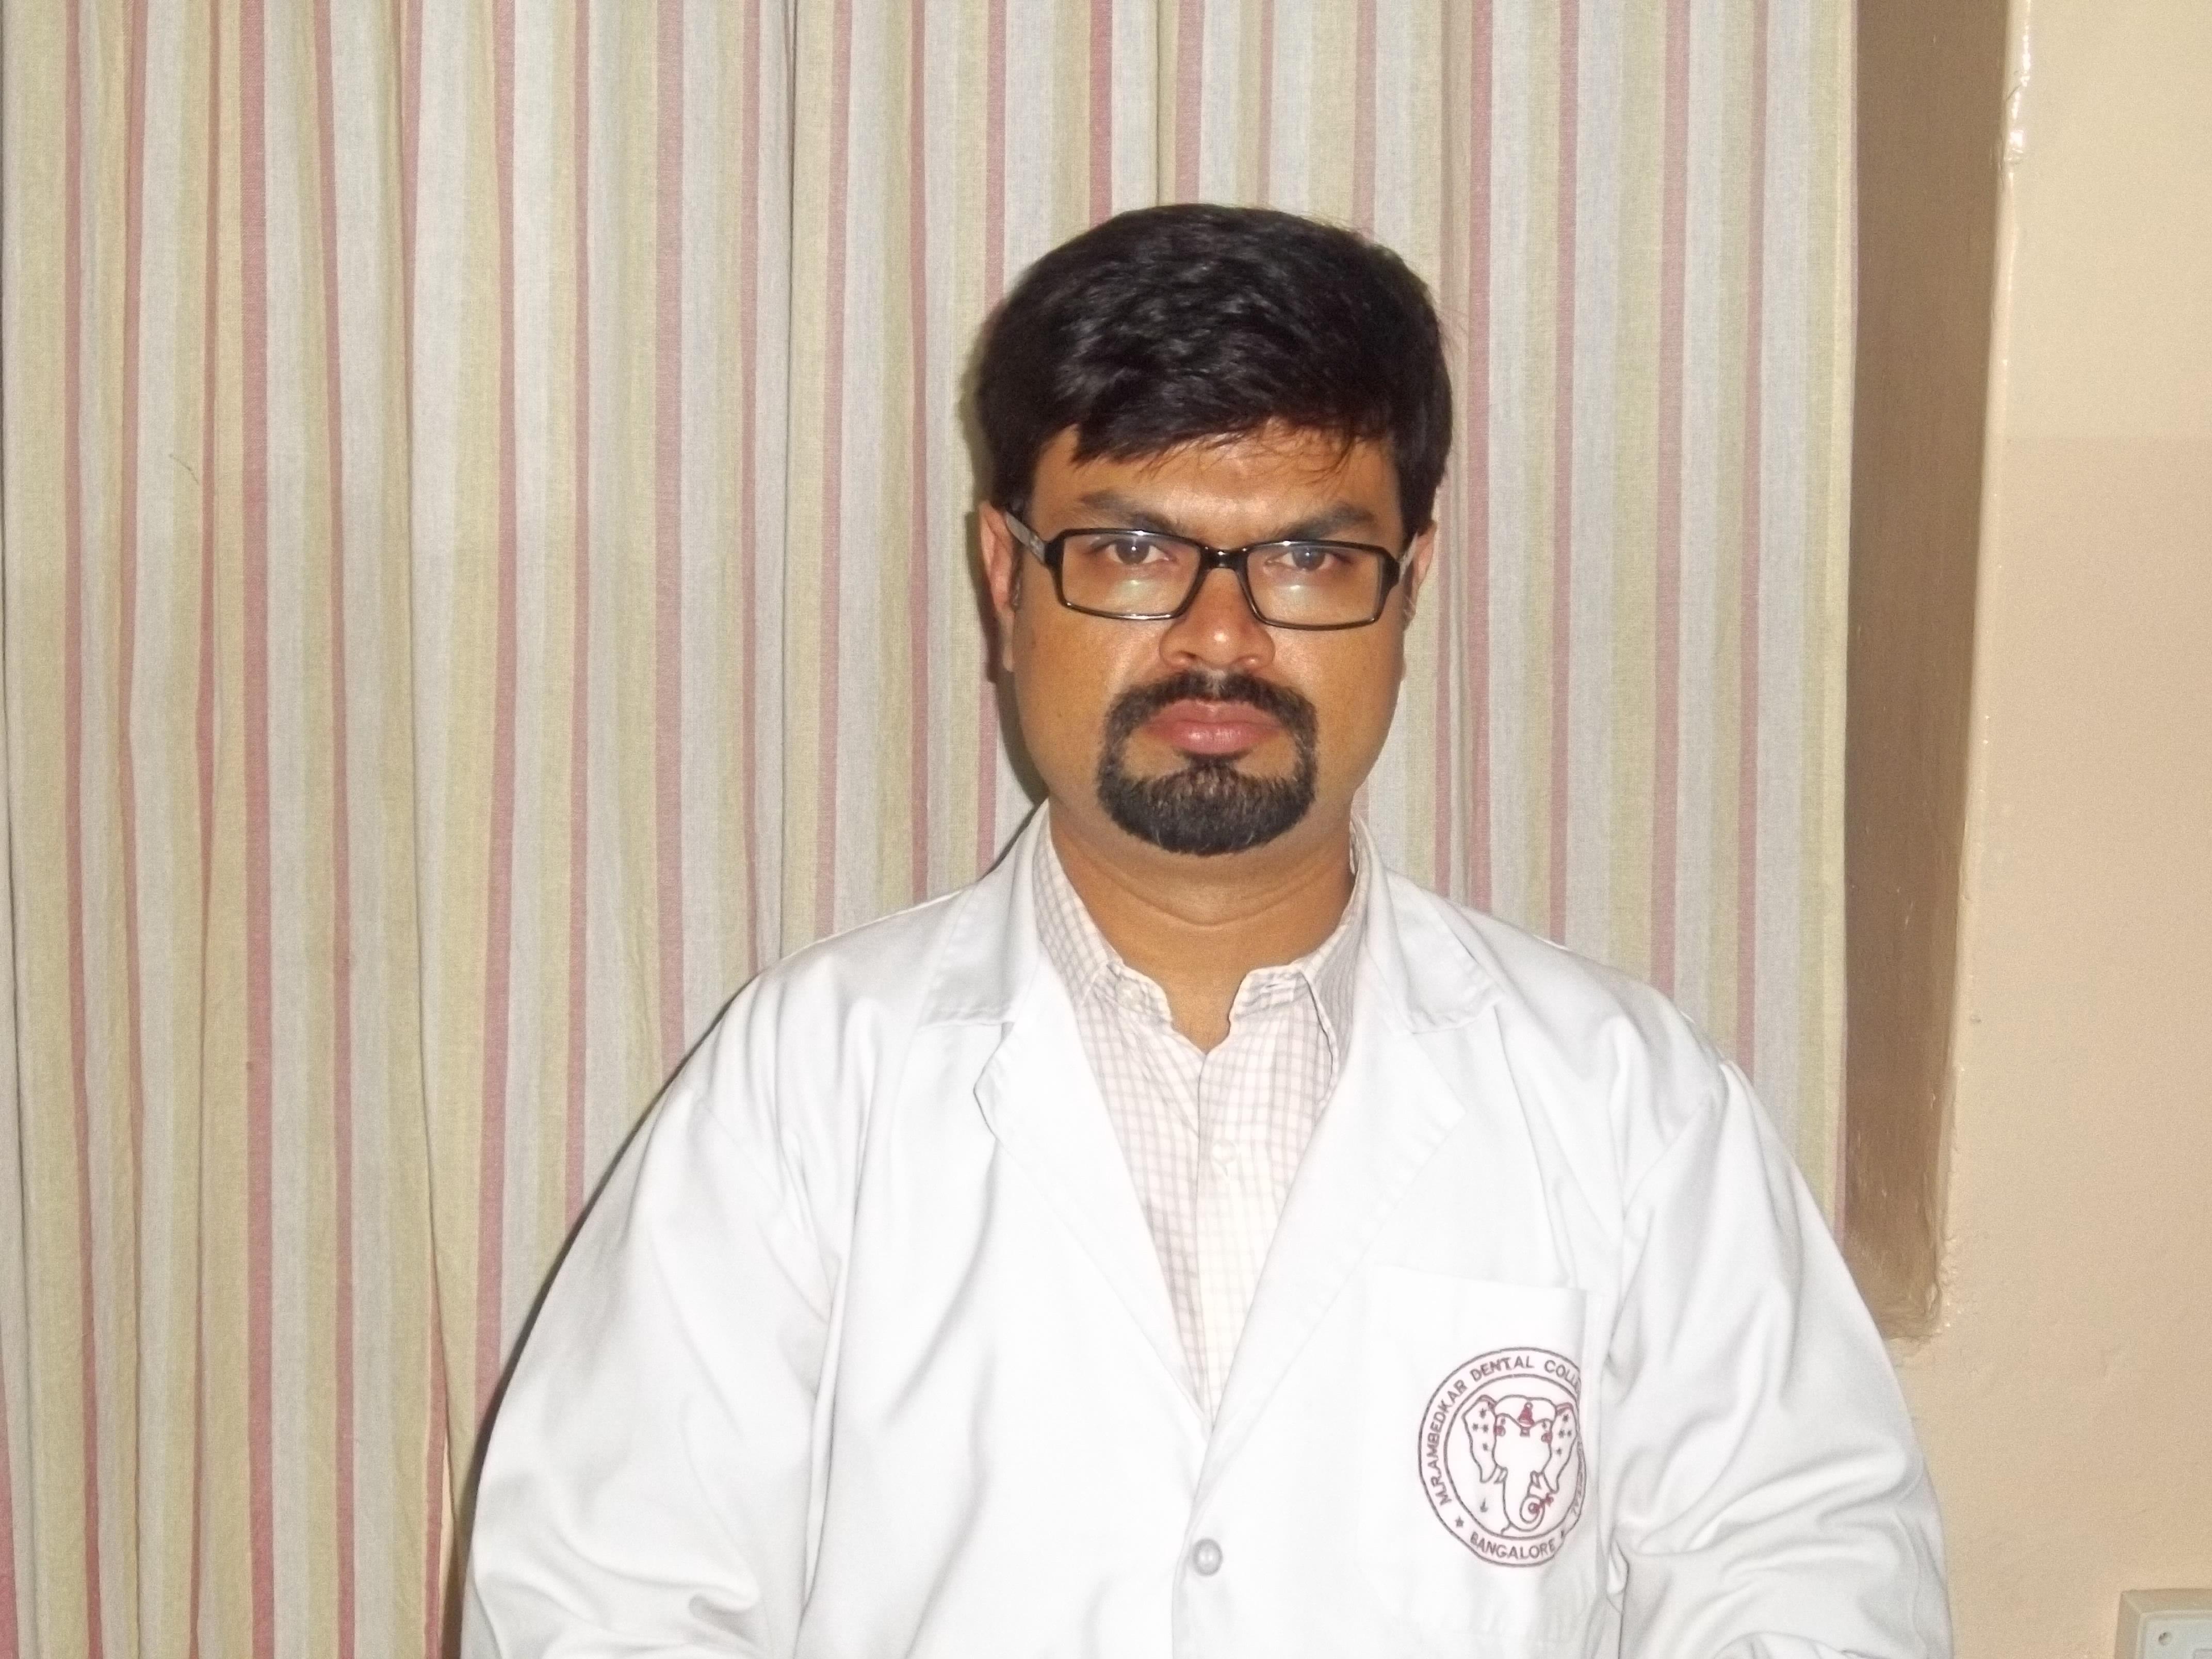 Dr. Umashankar G K